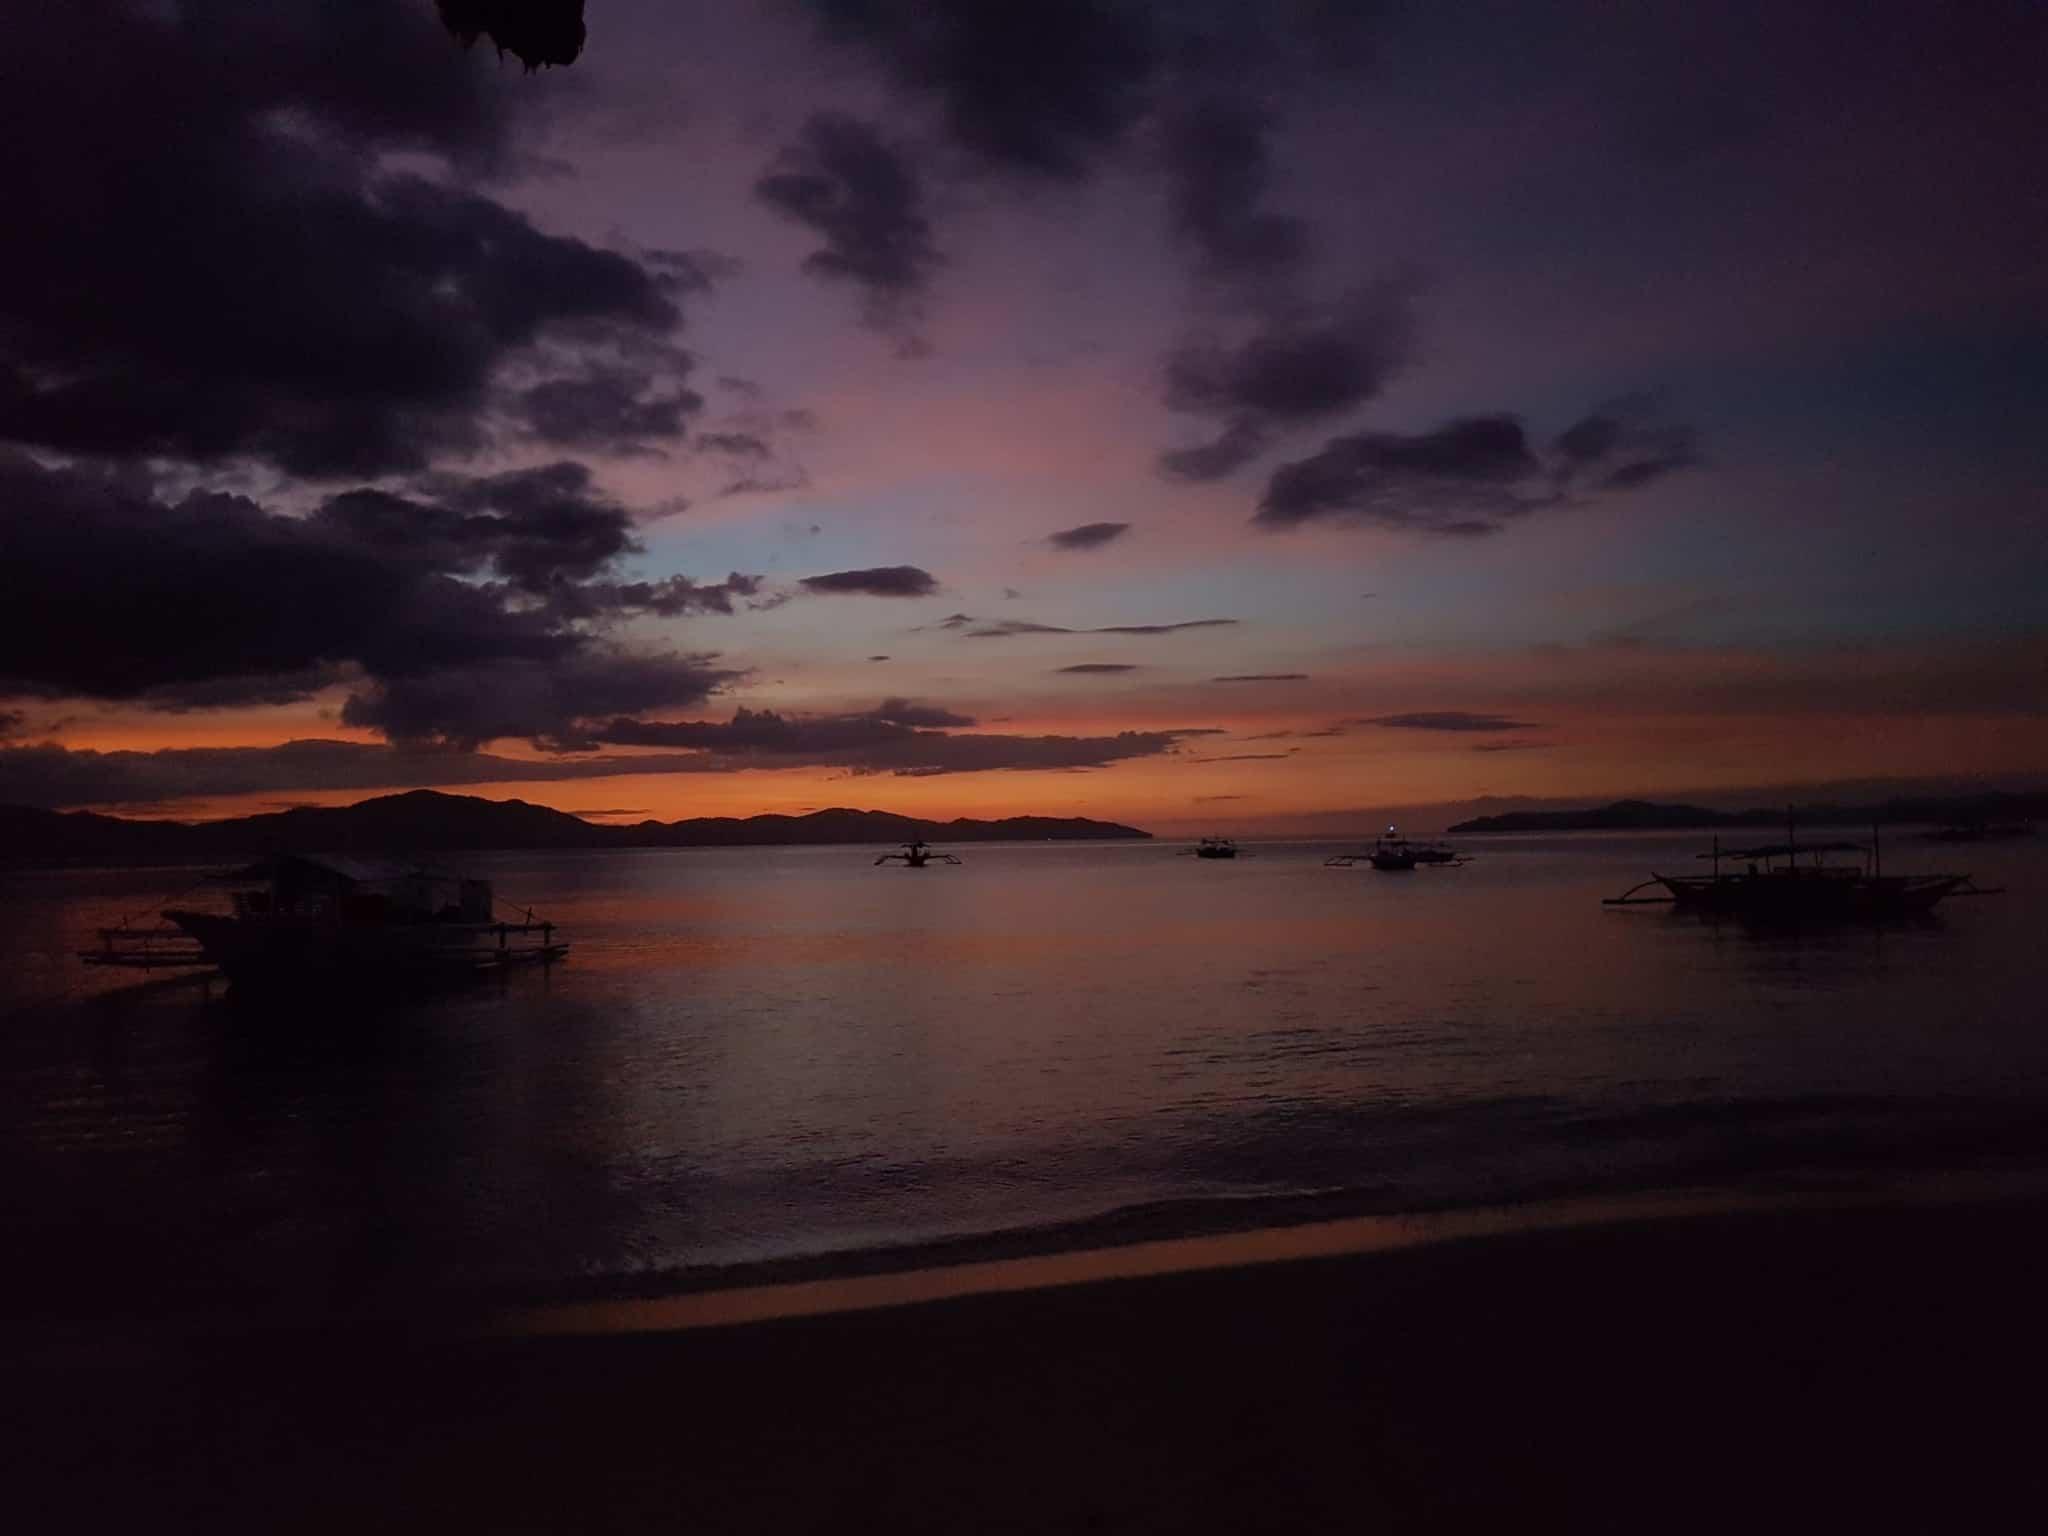 Philippines, comment je me suis retrouvée seule sur une île déserte 🧜♀️ 33